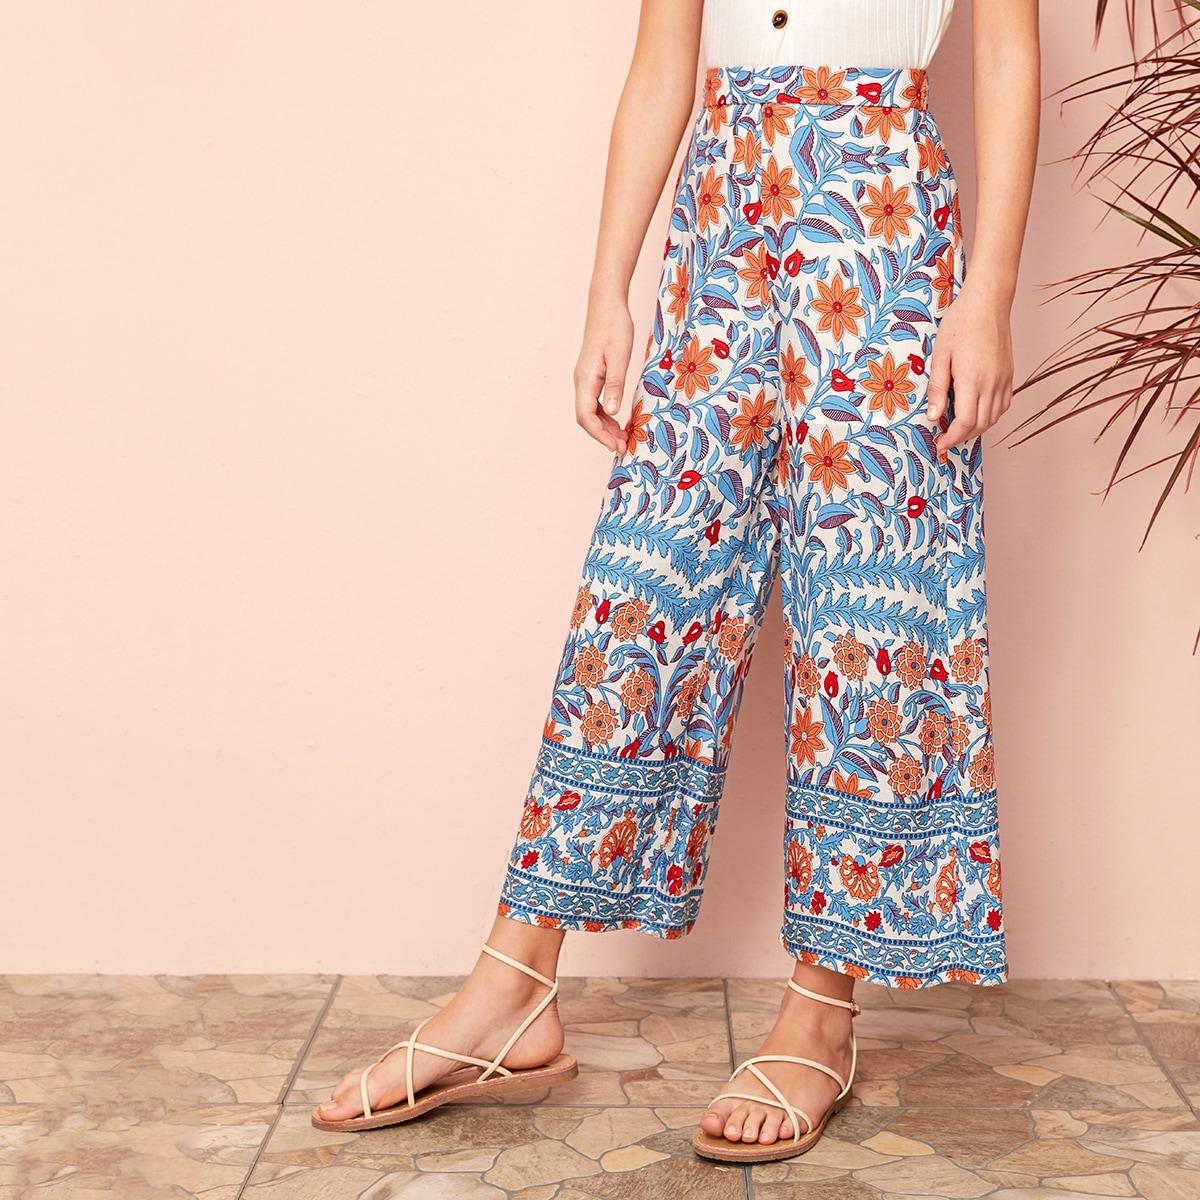 SHEIN / Mädchen Hosen mit Stamm Muster und weitem Beinschnitt